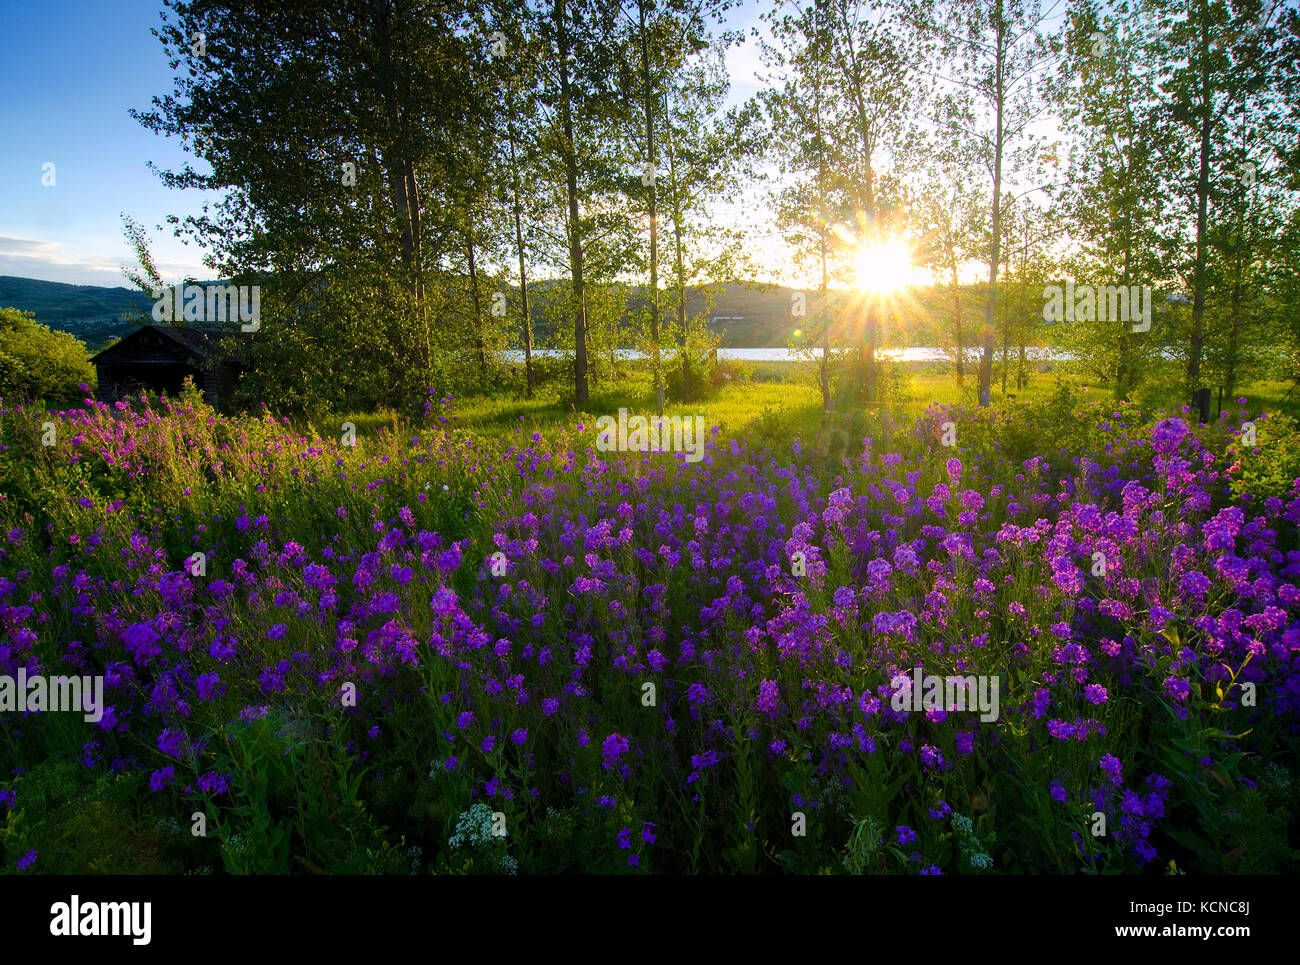 Hesperis matronalis (dames rocket) en plena floración como ellos empapan en primavera sol al lado de el lago Imagen De Stock